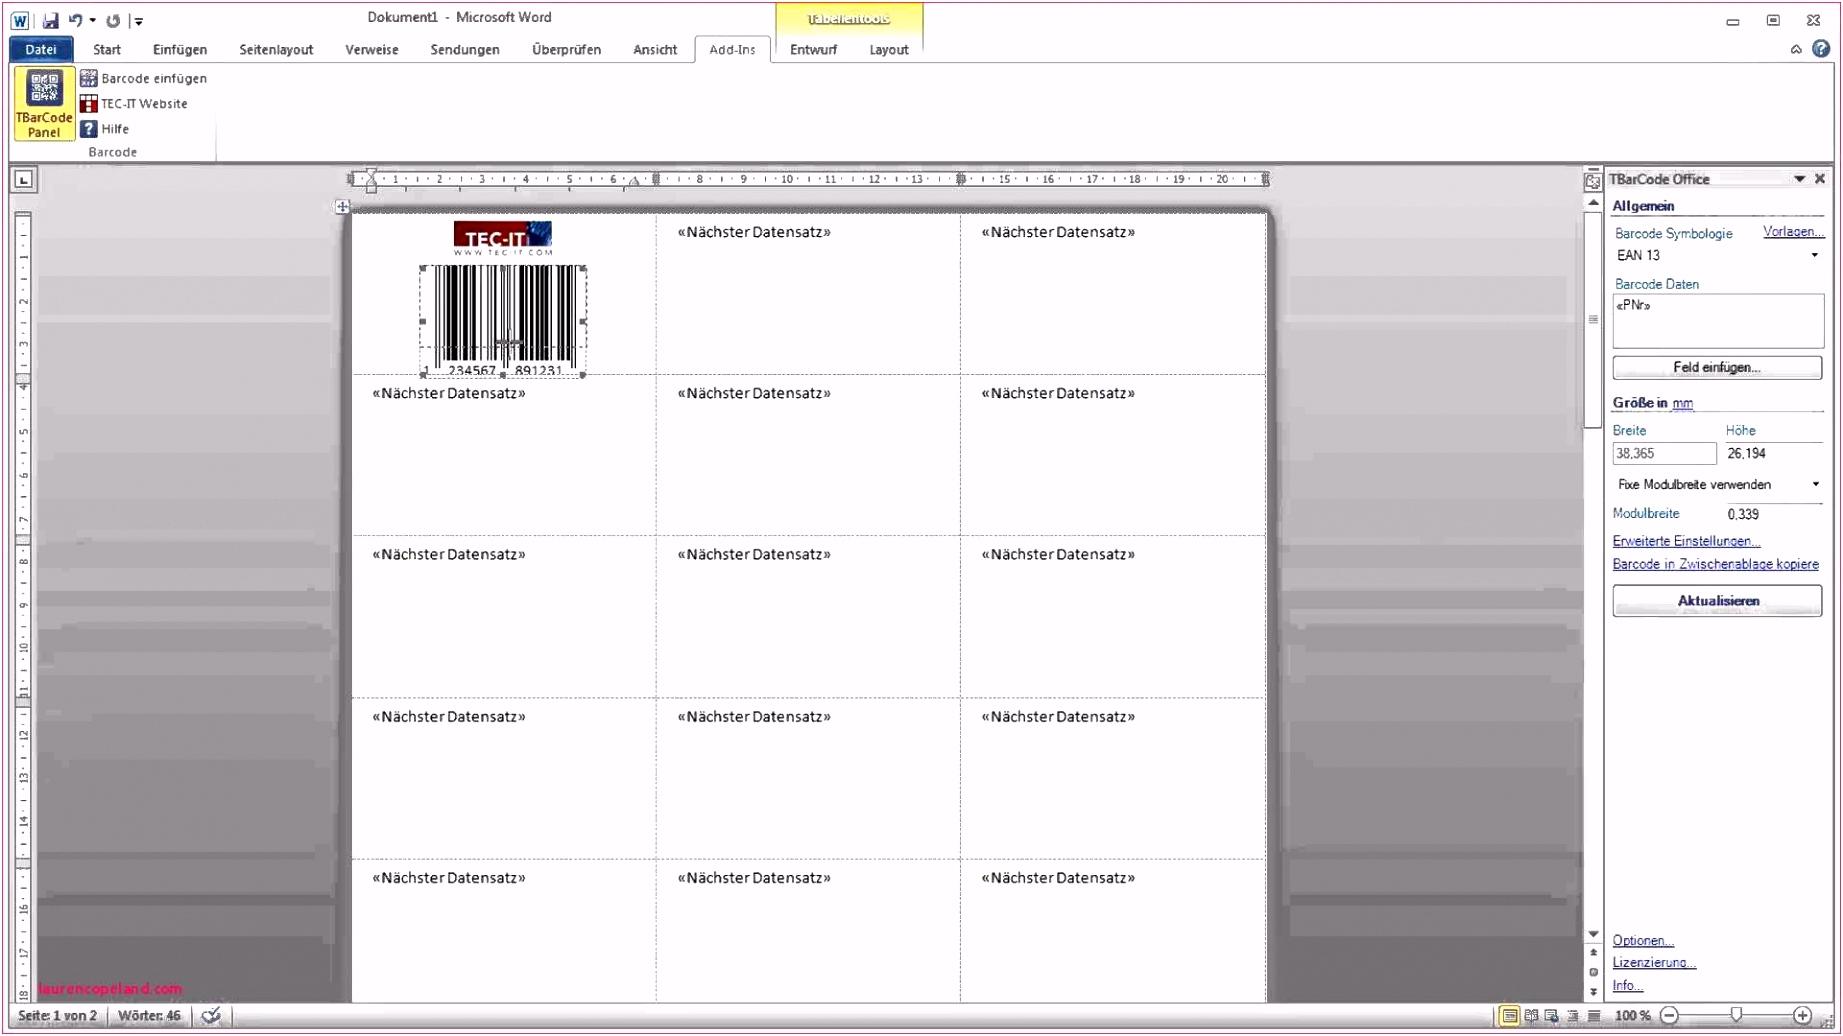 Ordner Etiketten Vorlage Word ordner Etiketten Drucken Kostenlos Das Beste Von Etiketten Vorlagen T4di13cad6 E5mz06tdbs